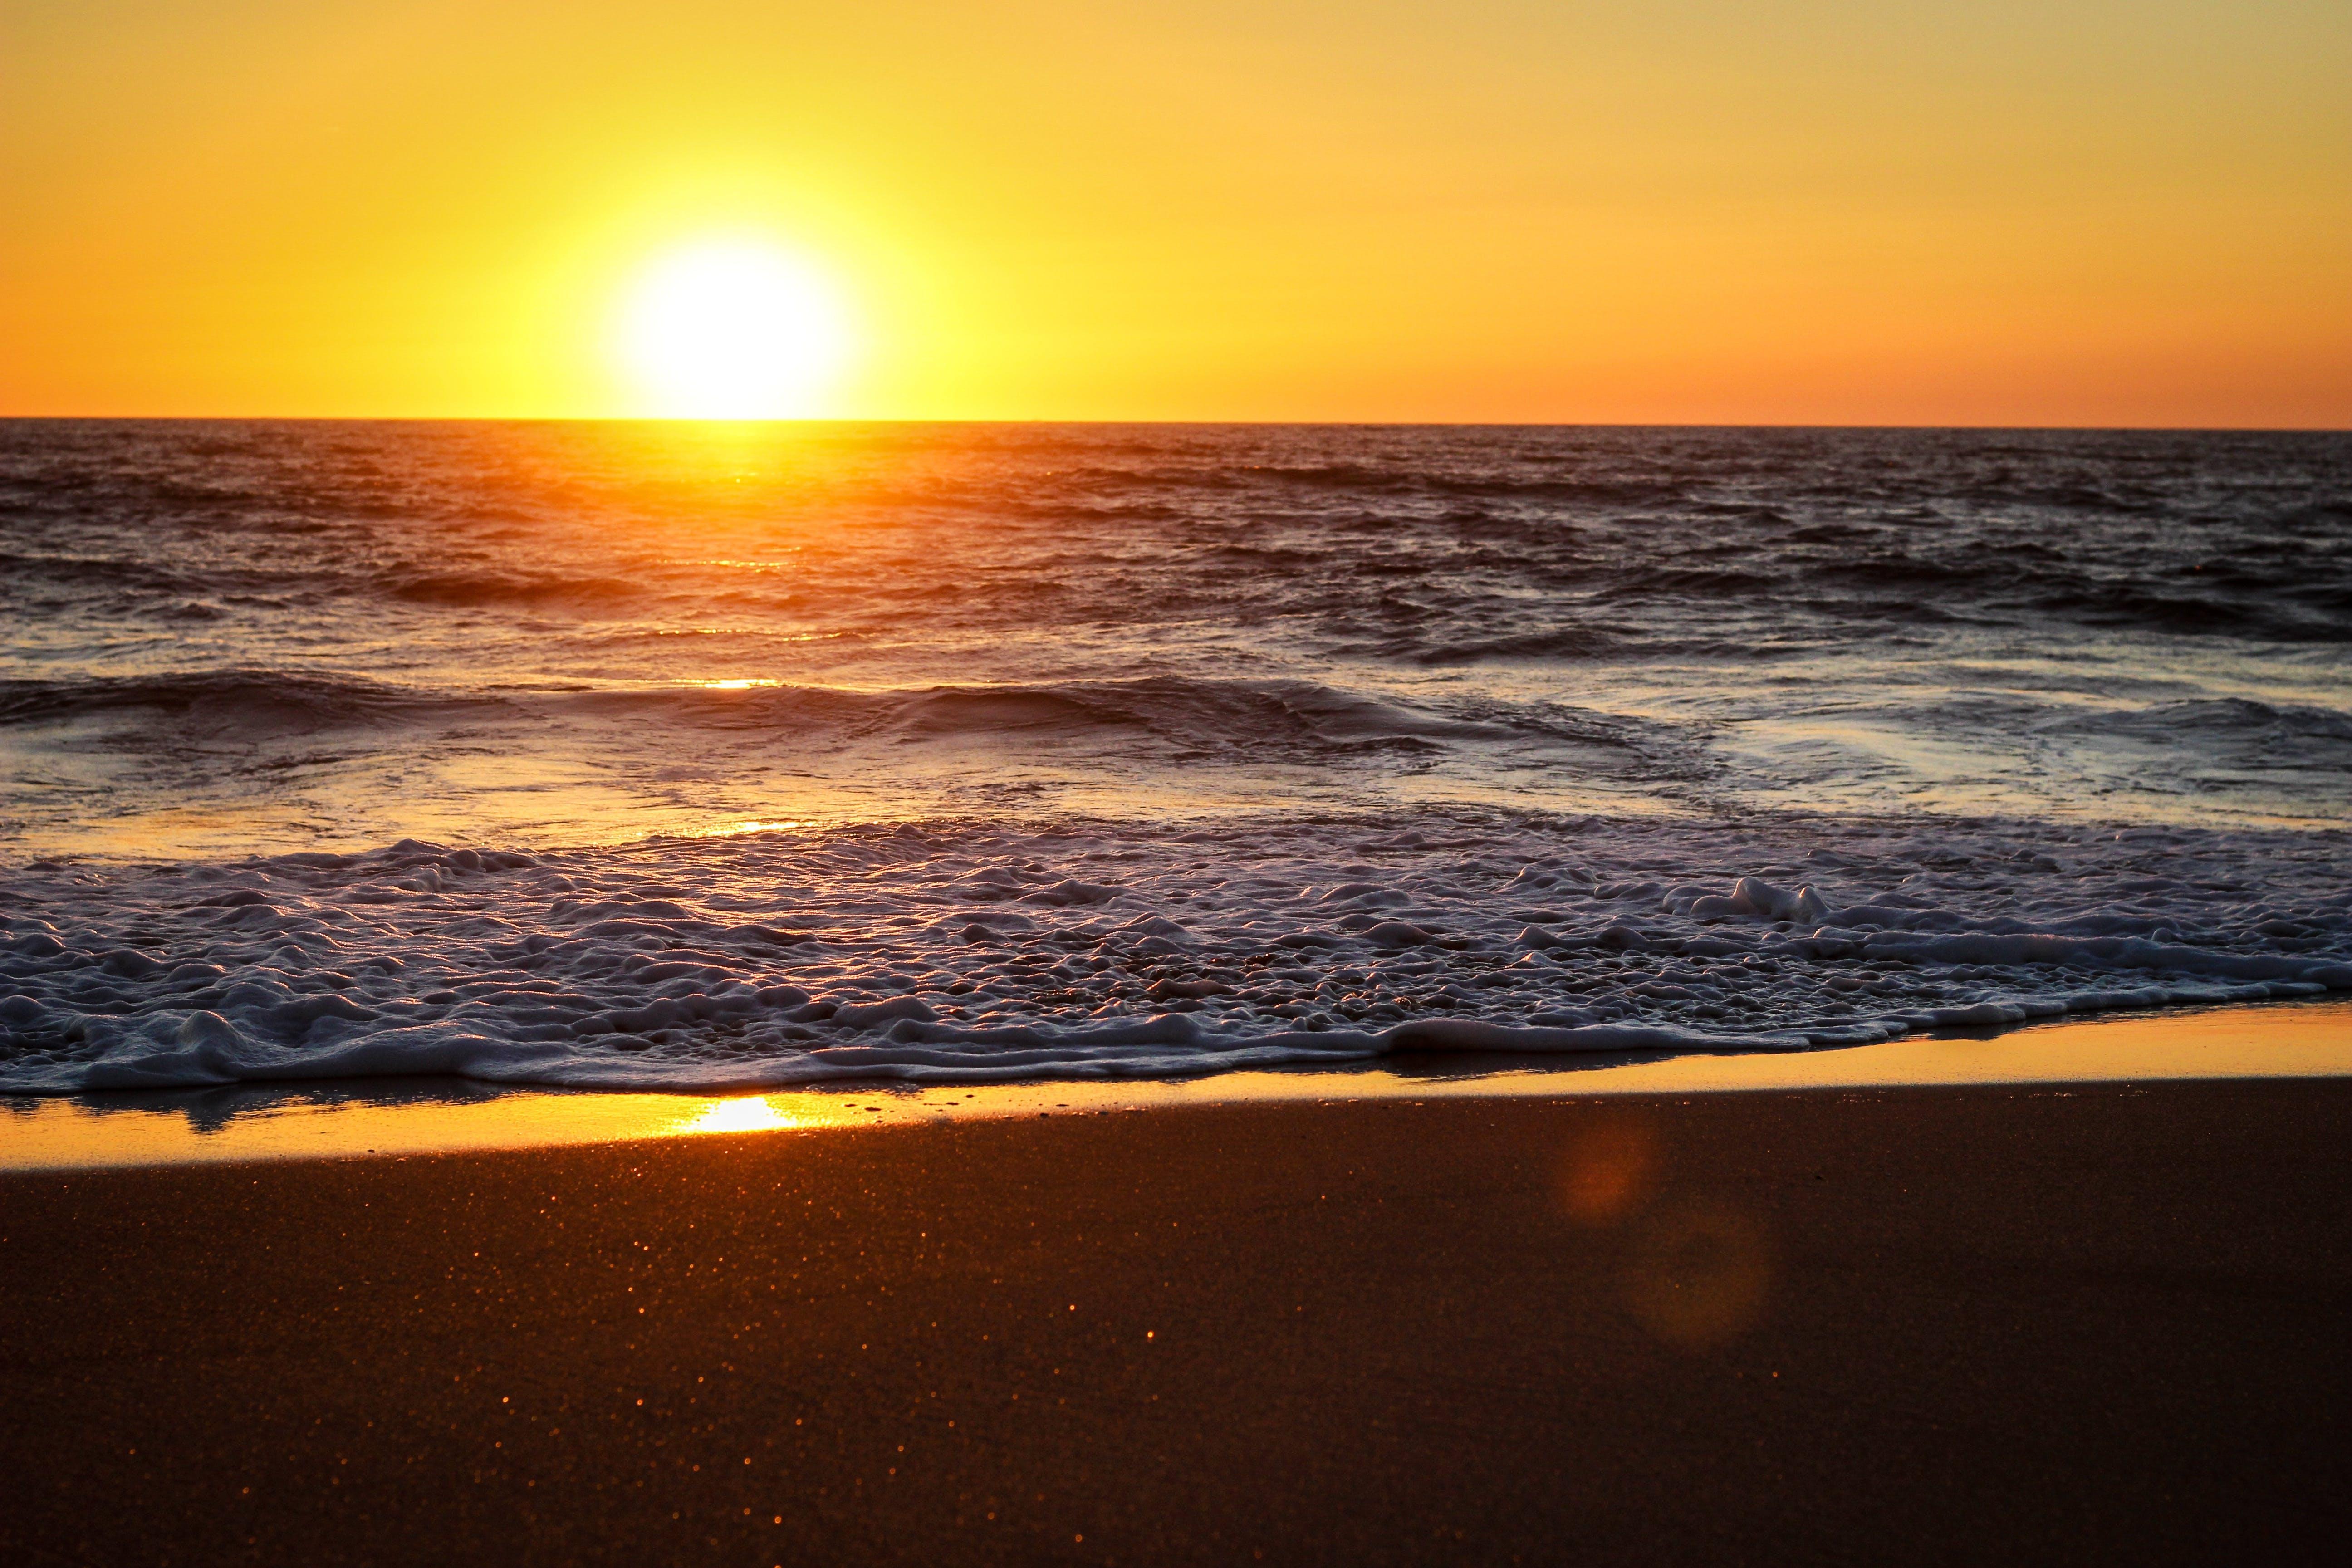 Blue Sea Under Golden Hour